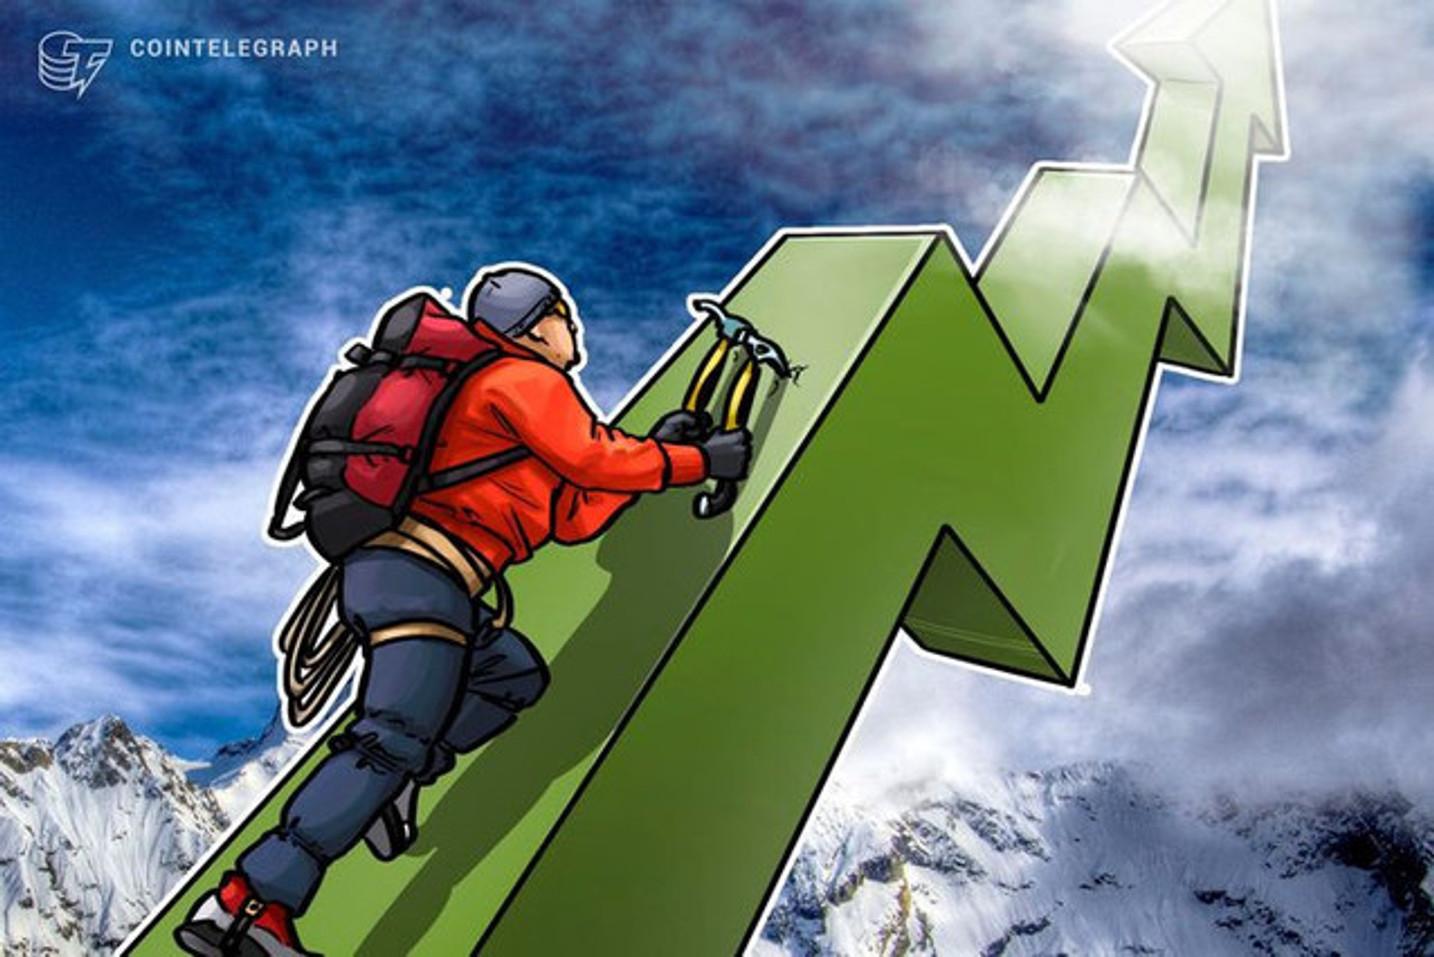 Los gráficos de CoinDance dan muestra del interés creciente de los chilenos por cambiar su moneda local por Bitcoin